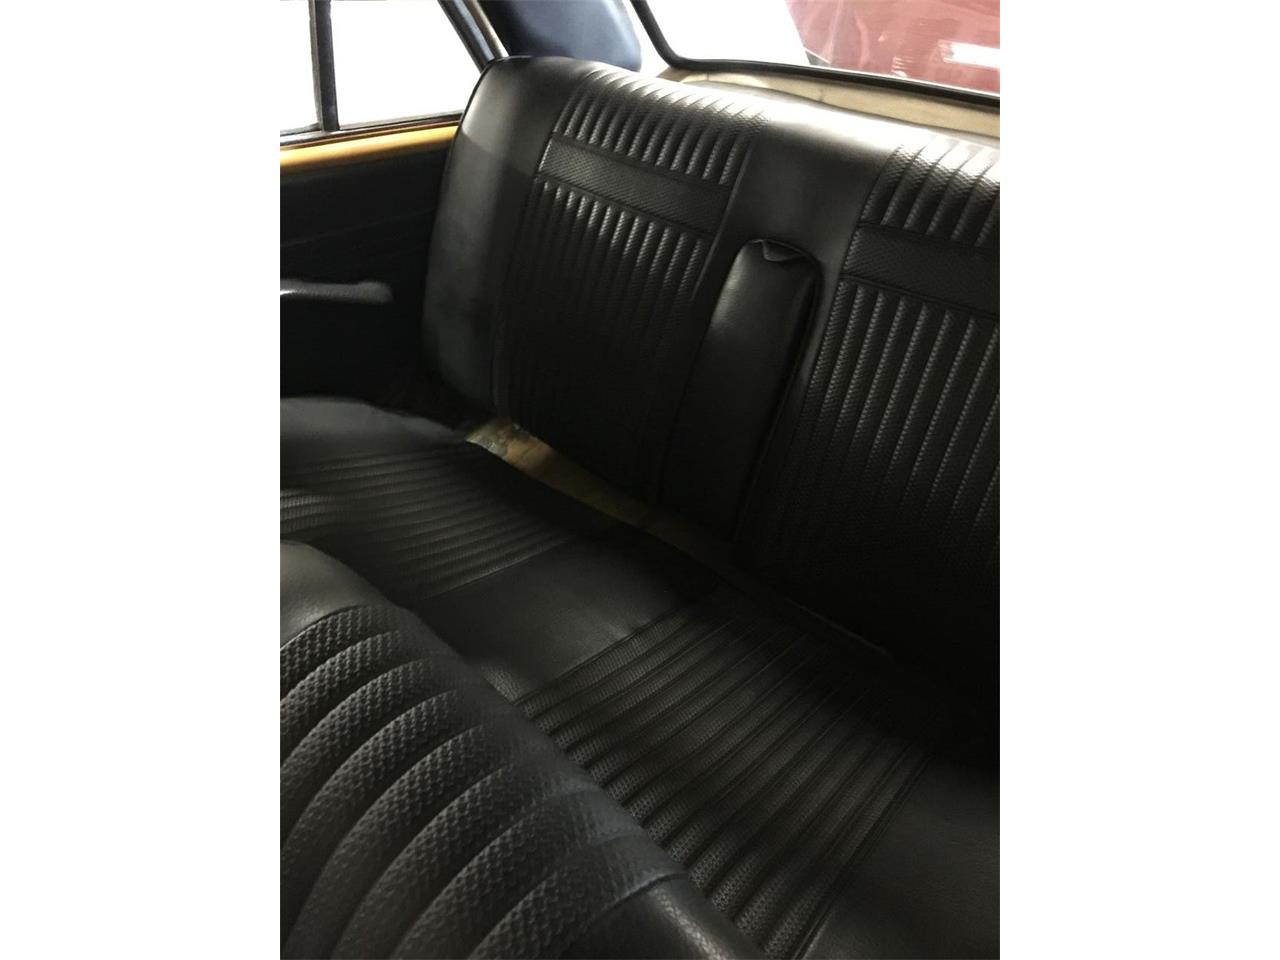 1975 Austin 1300 GT (CC-914778) for sale in Kearny, New Jersey